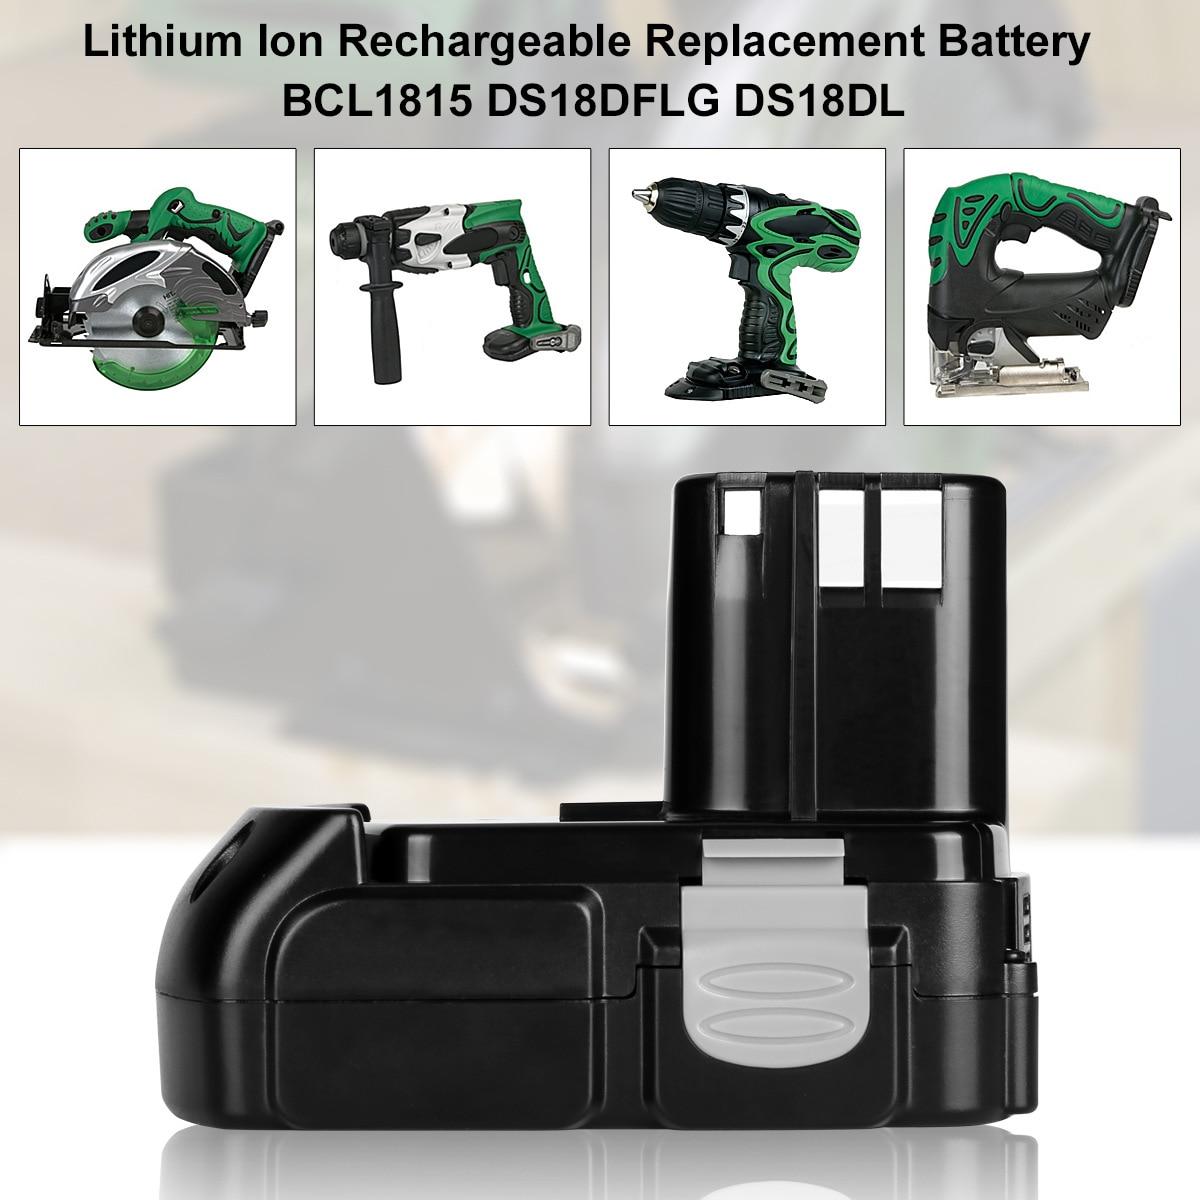 18V 2.0Ah Lithium Rechargeable Battery for Hitachi BCL1815 BCL1830 EBM1830 DS18DFL CJ18DL DS18DL WR18DMR Power Tools Batteria18V 2.0Ah Lithium Rechargeable Battery for Hitachi BCL1815 BCL1830 EBM1830 DS18DFL CJ18DL DS18DL WR18DMR Power Tools Batteria